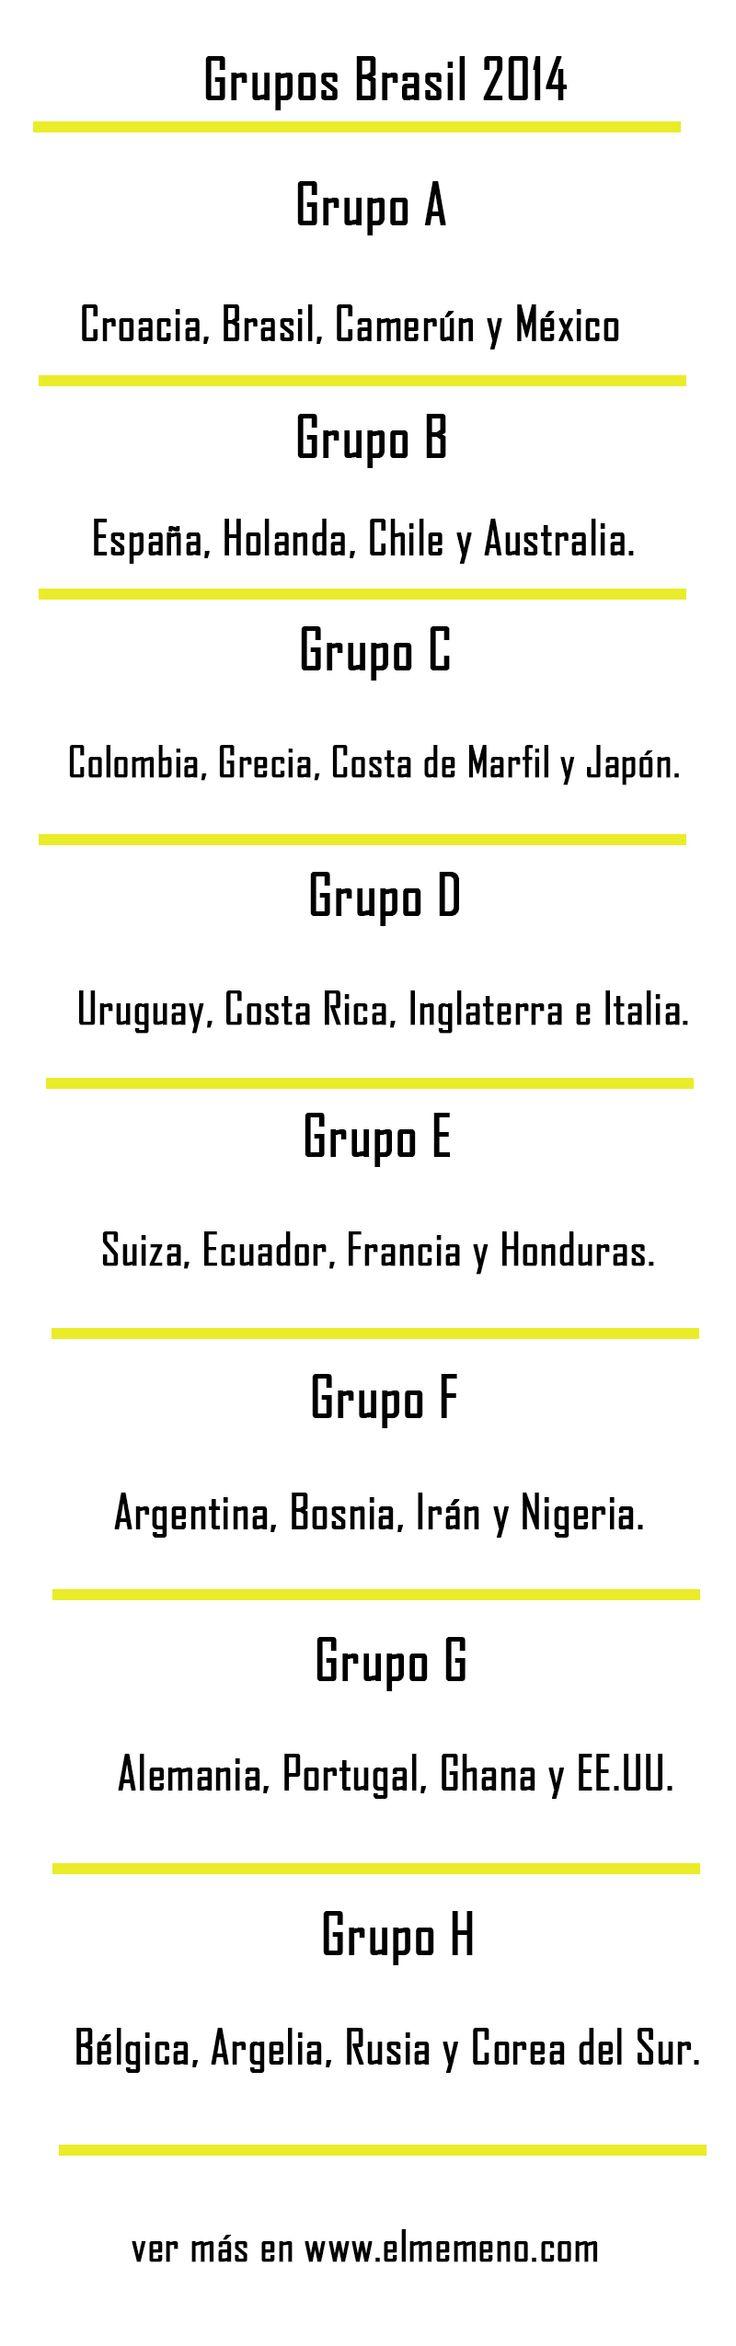 Así quedaron los grupos del mundial Brasil 2014